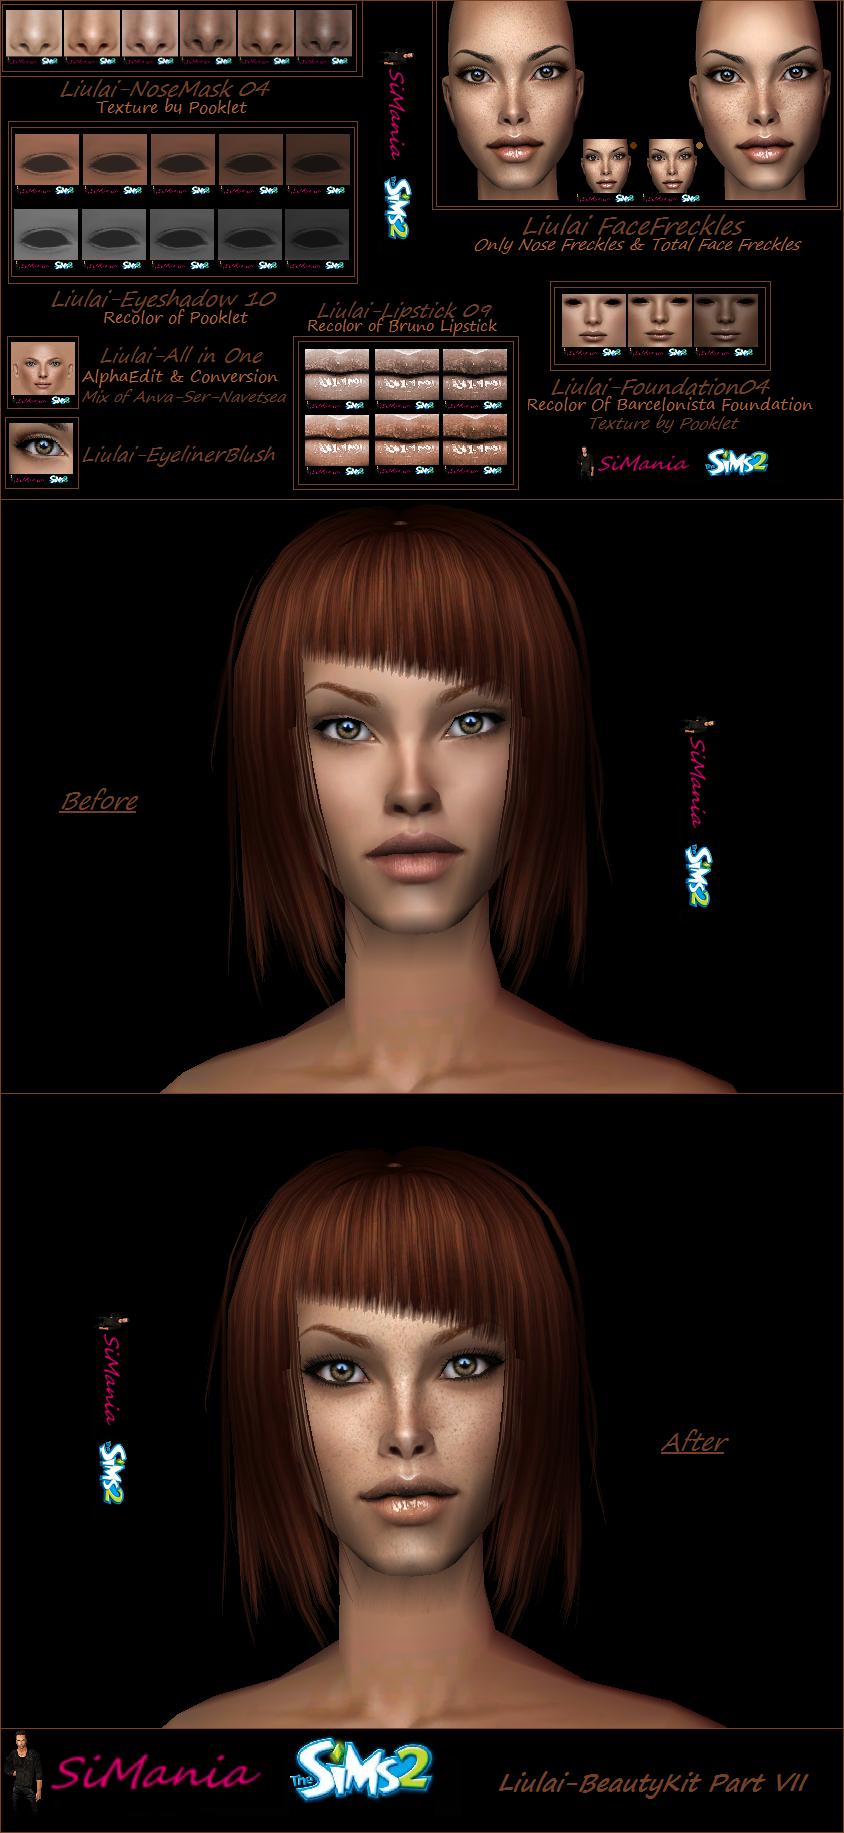 BeautyKit-Part VII